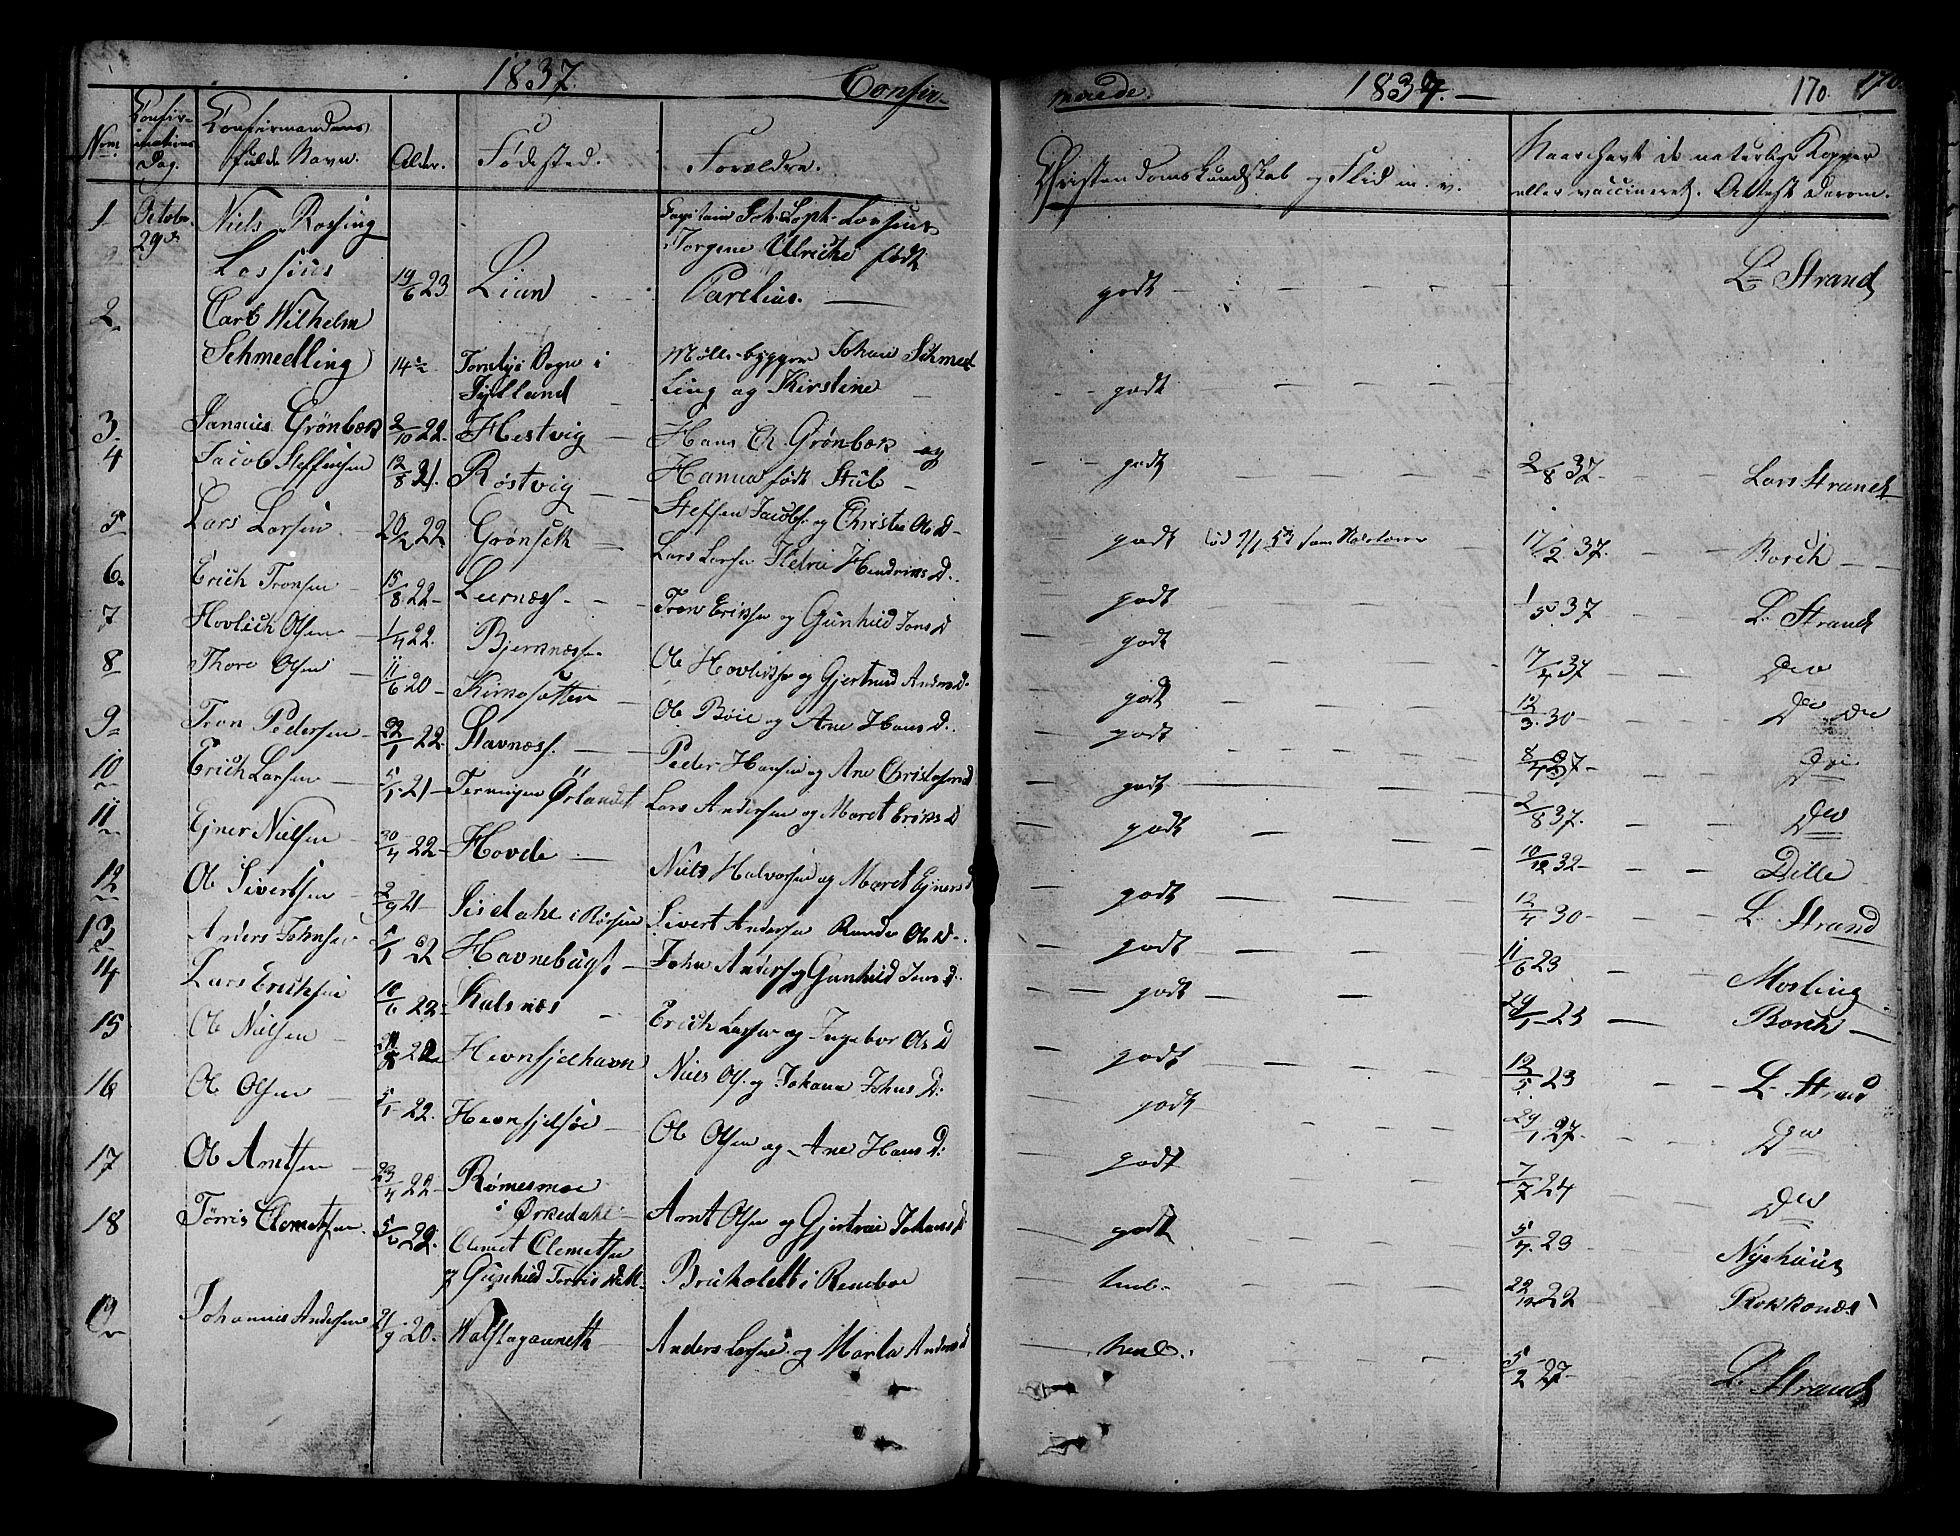 SAT, Ministerialprotokoller, klokkerbøker og fødselsregistre - Sør-Trøndelag, 630/L0492: Ministerialbok nr. 630A05, 1830-1840, s. 170